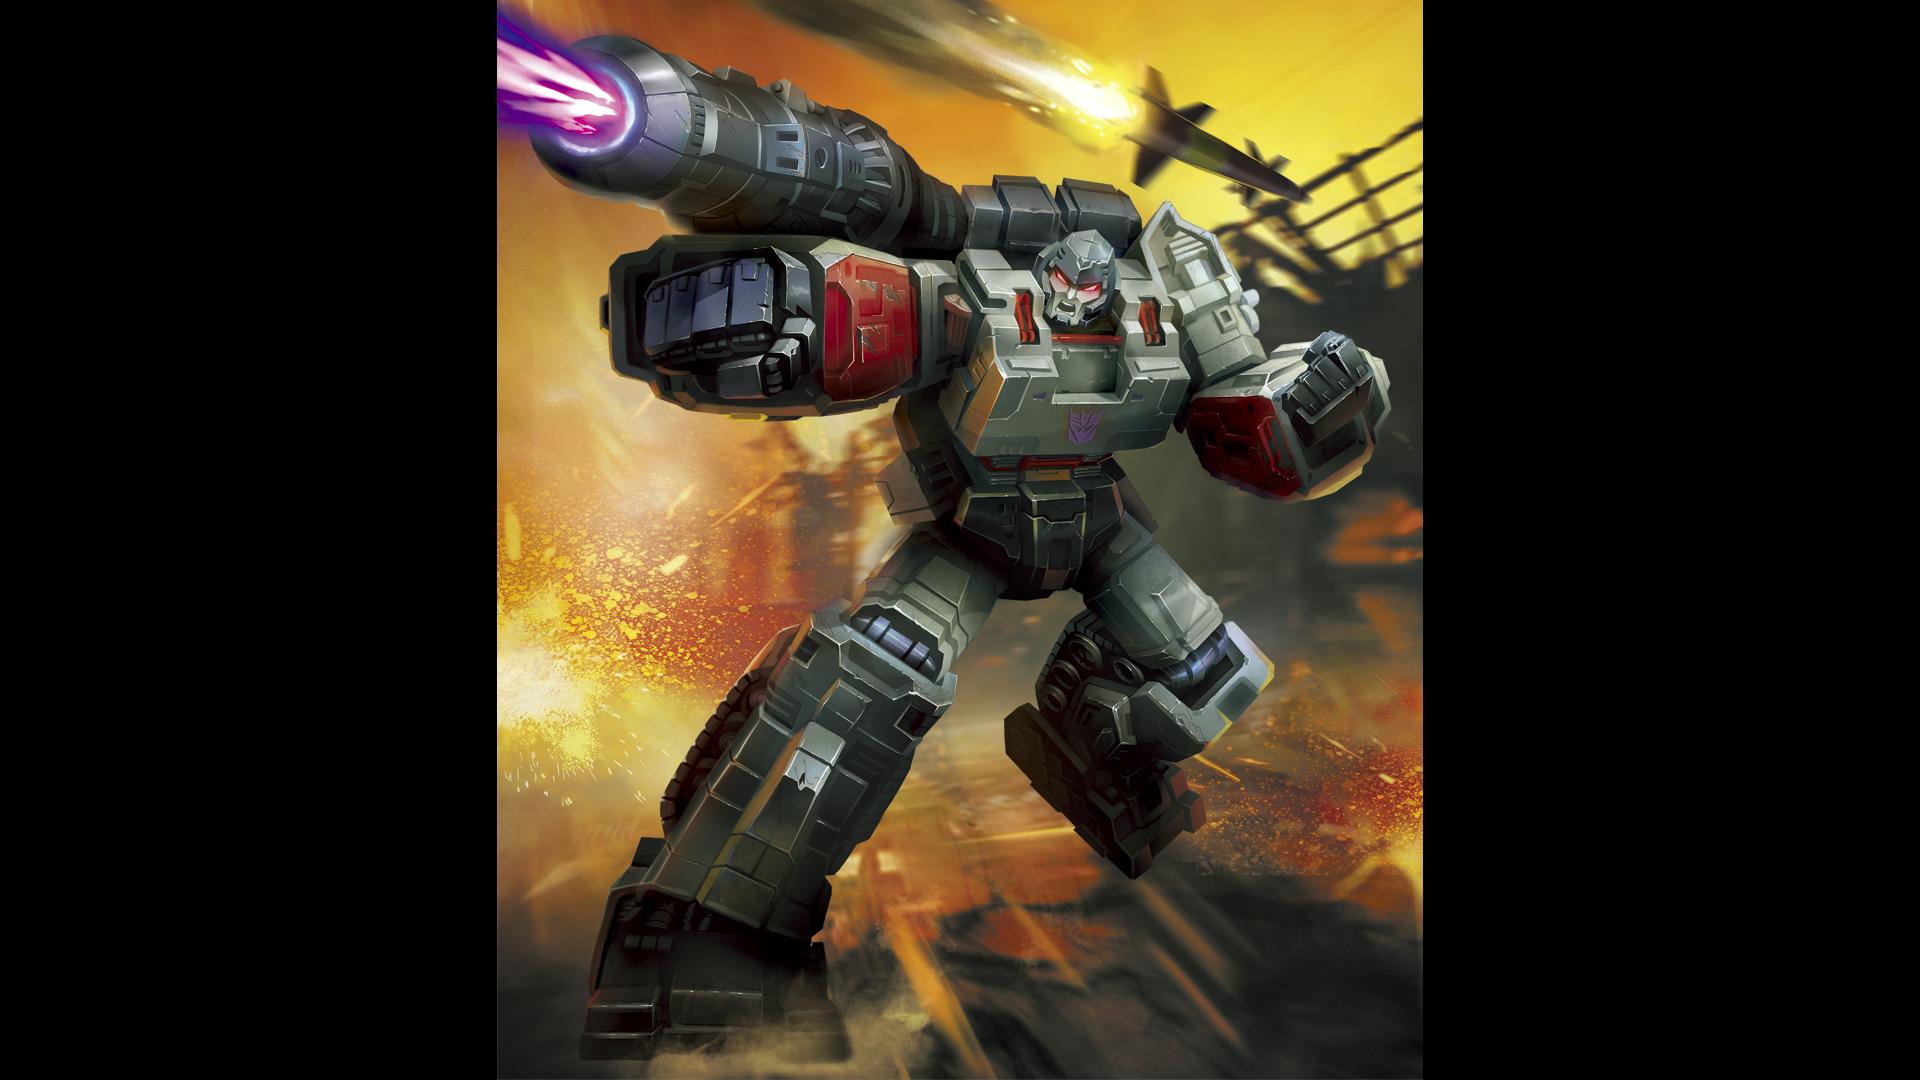 Emperor of Destruction